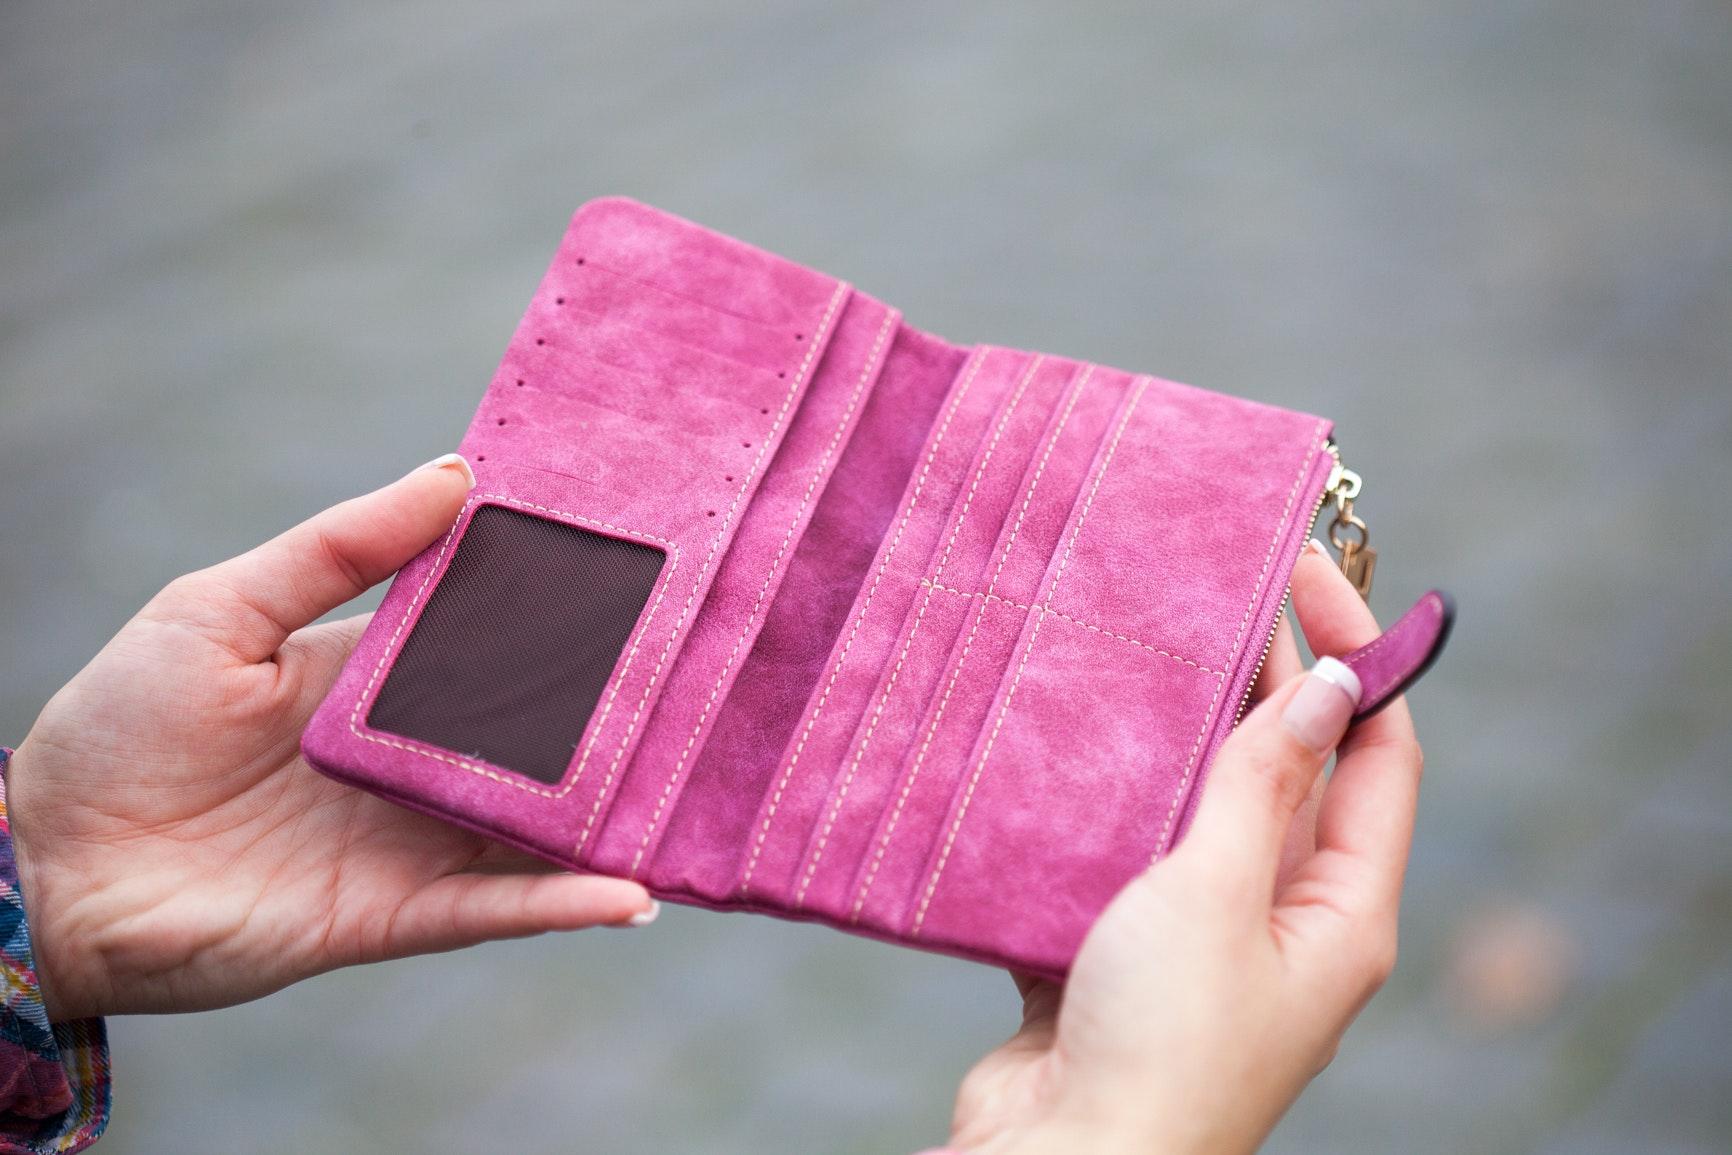 กระเป๋าตังตามวันเกิด สีกระเป๋าสตางค์ตามวันเกิด 2562 ผู้หญิง สีกระเป๋าตังตามวันเกิด 2562 กระเป๋าสตางค์ตามวันเกิด